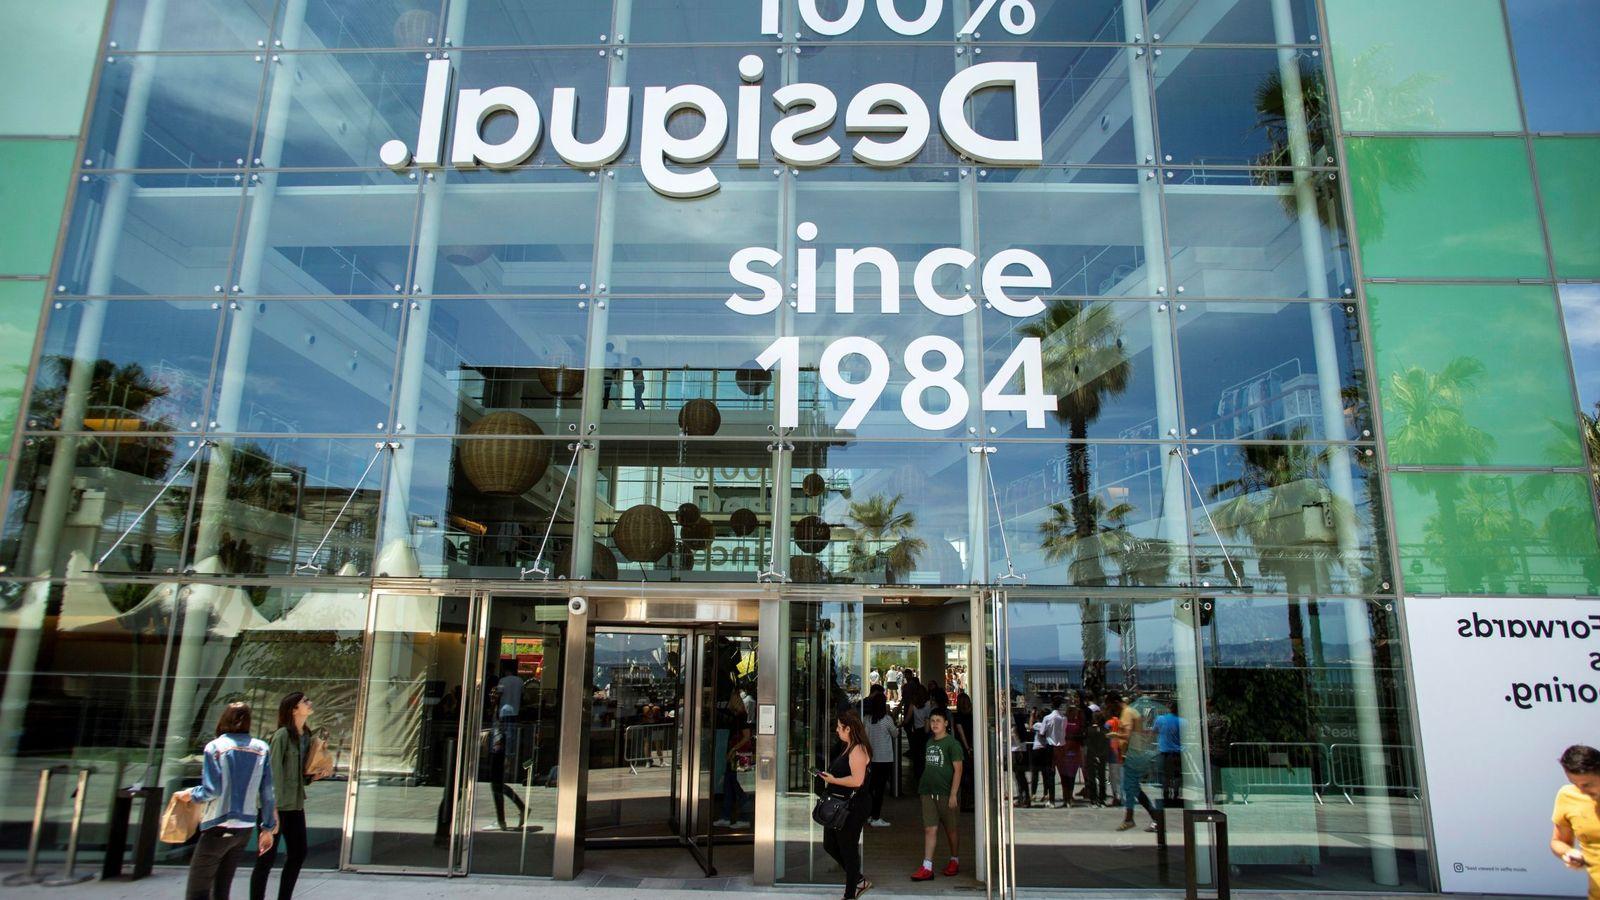 Foto: Desigual da un giro a su logo e identidad para atraer a clientes más jóvenes